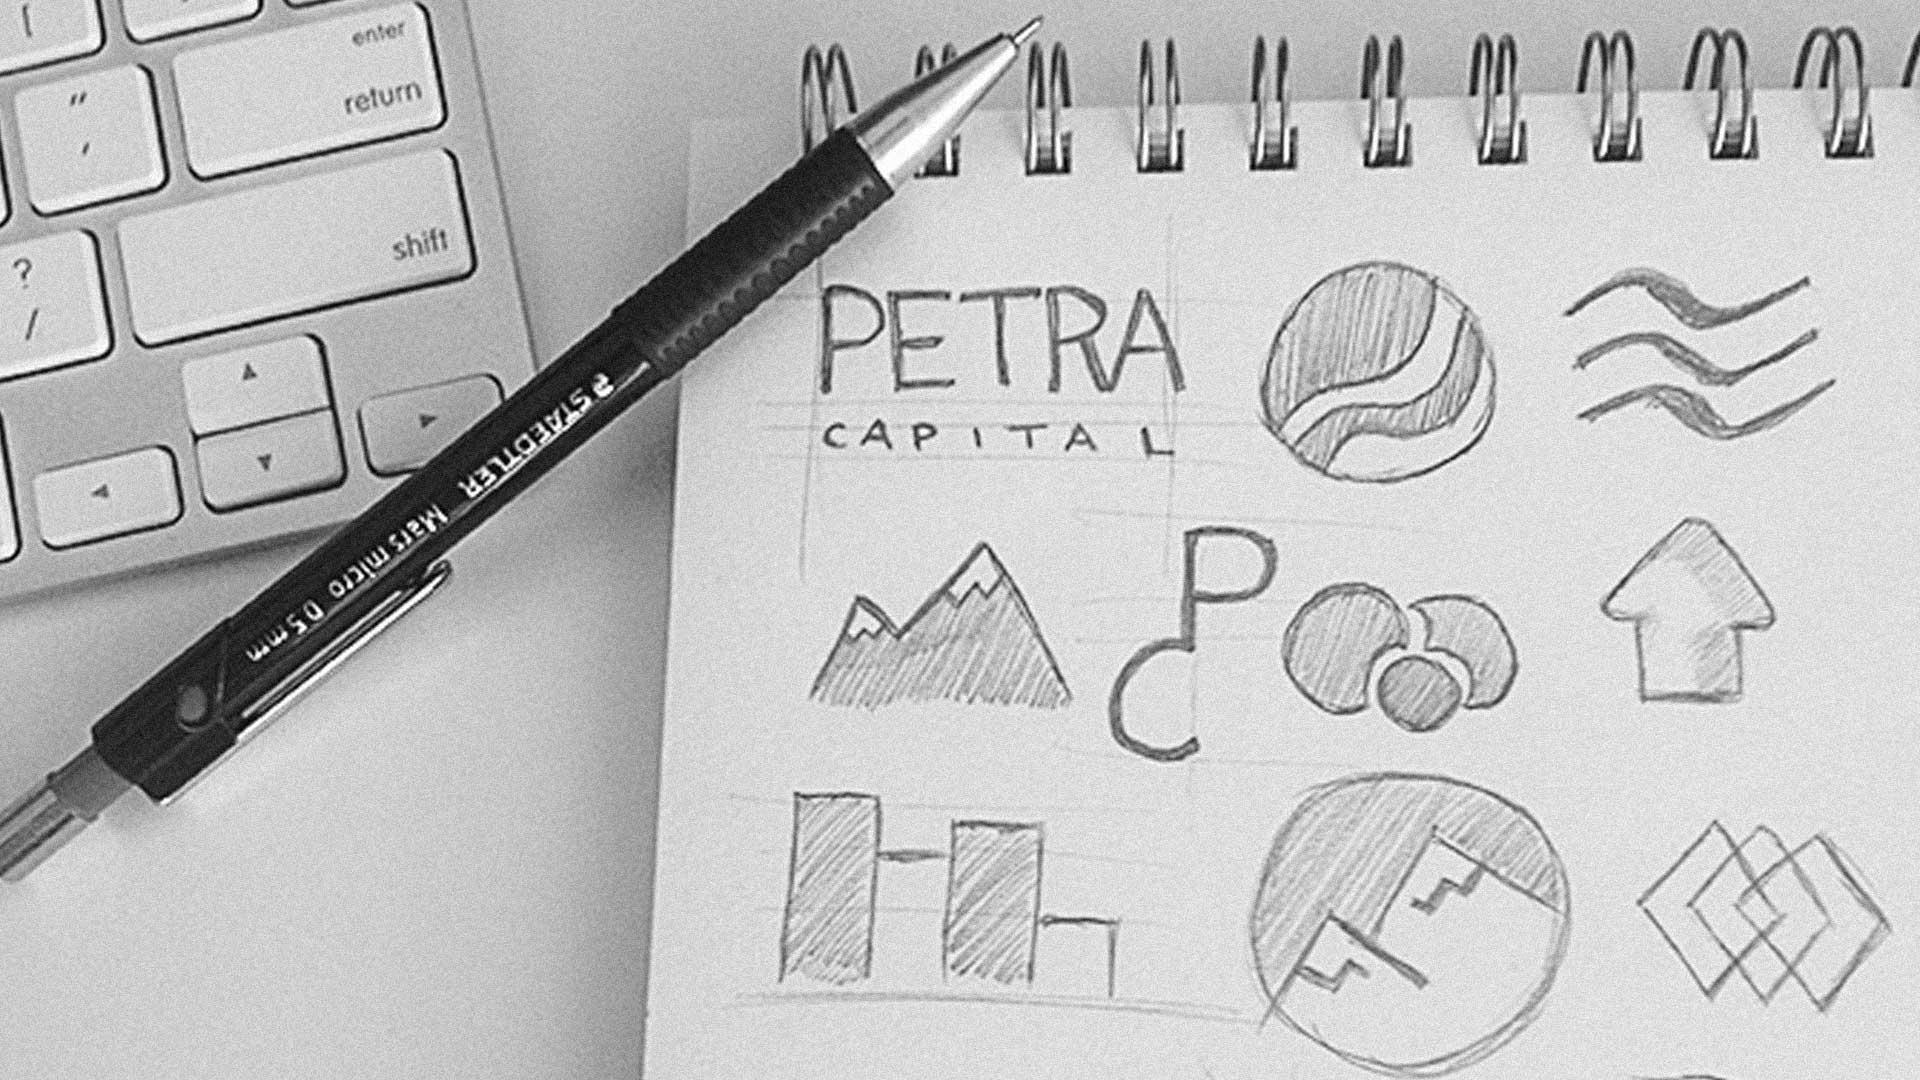 <h1>ĐỂ THIẾT KẾ LOGO HIỆU QUẢ</h1><p>Công việc thiết kế logo luôn phải tốn rất nhiều thời gian và công sức. Việc thiết kế đúng chuẩn với mong muốn của khách hàng là một vấn đề không dễ dàng.